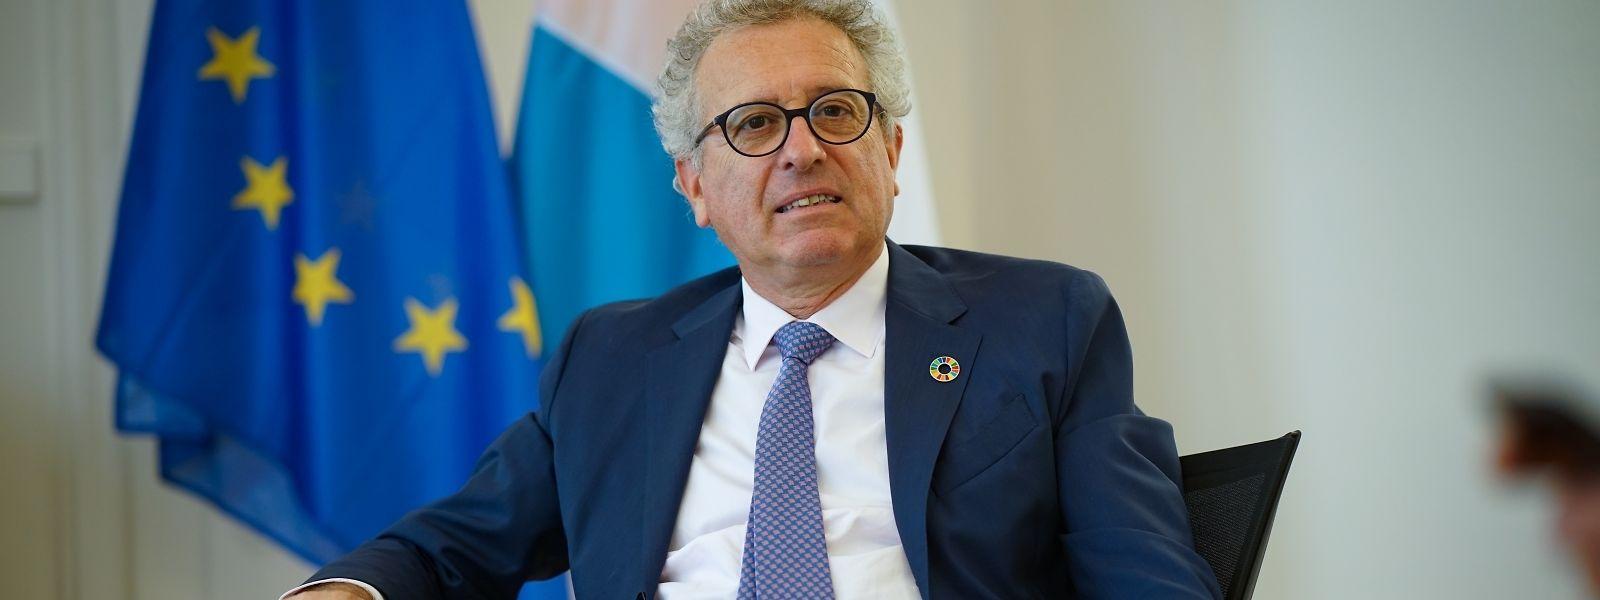 Pierre Gramegna rechnet nicht mit einer Steuerreform vor 2023.